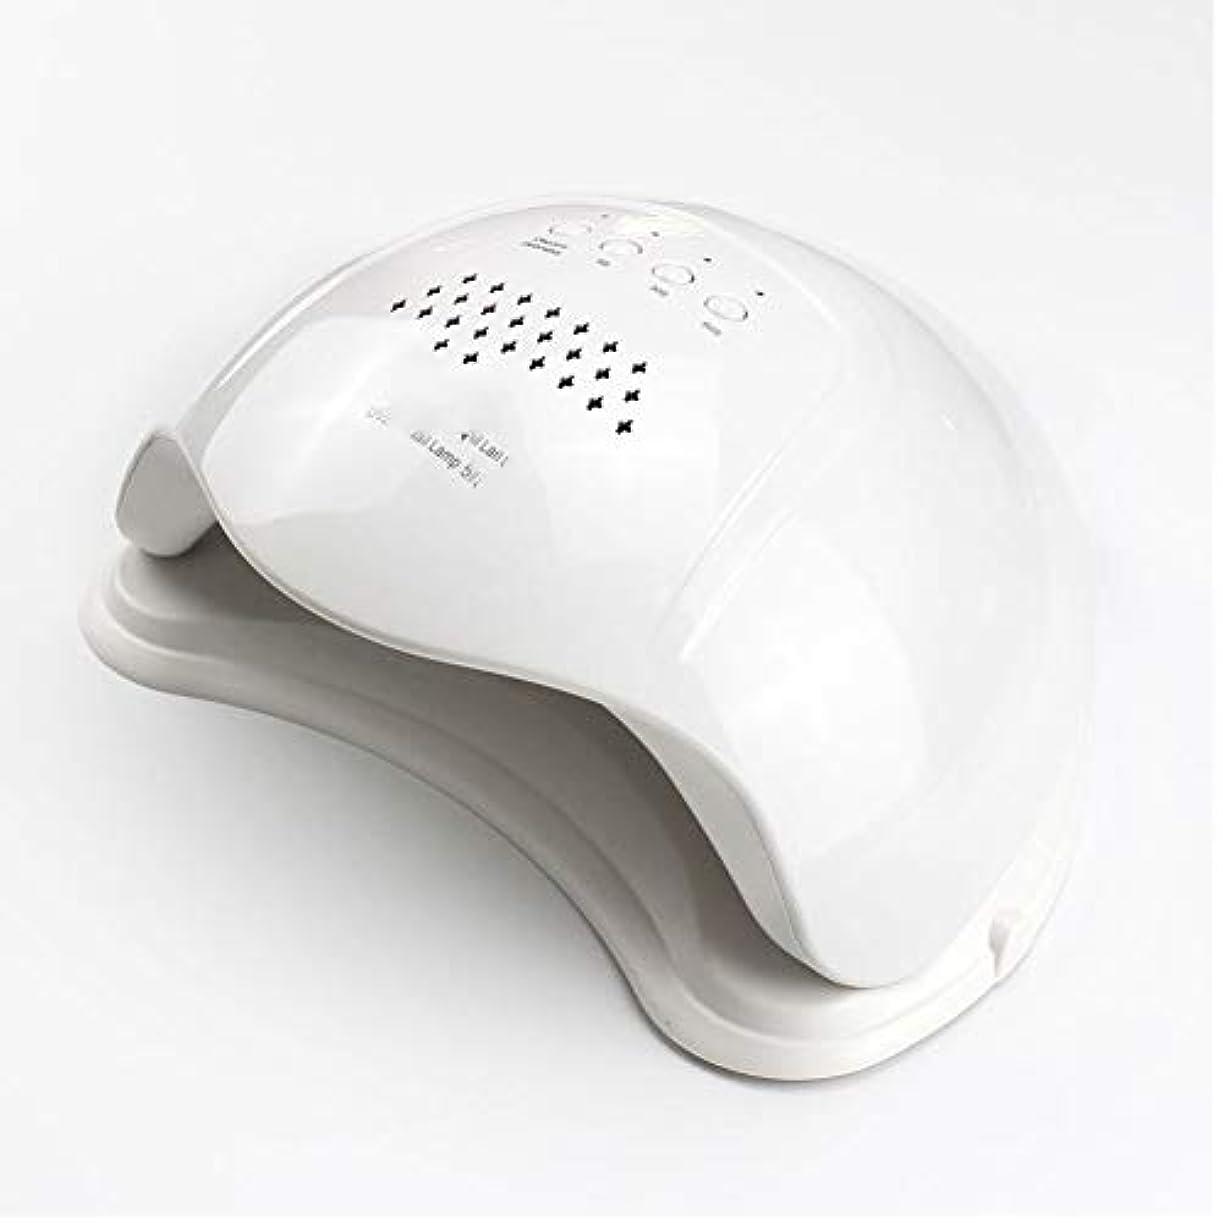 服を着るセットする冷蔵庫48ワットプロフェッショナルuv ledジェルネイルライトポリッシュ硬化ドライヤー軽量スマートオートセンシングで3タイマー設定5 s / 30 s / 60 s,White